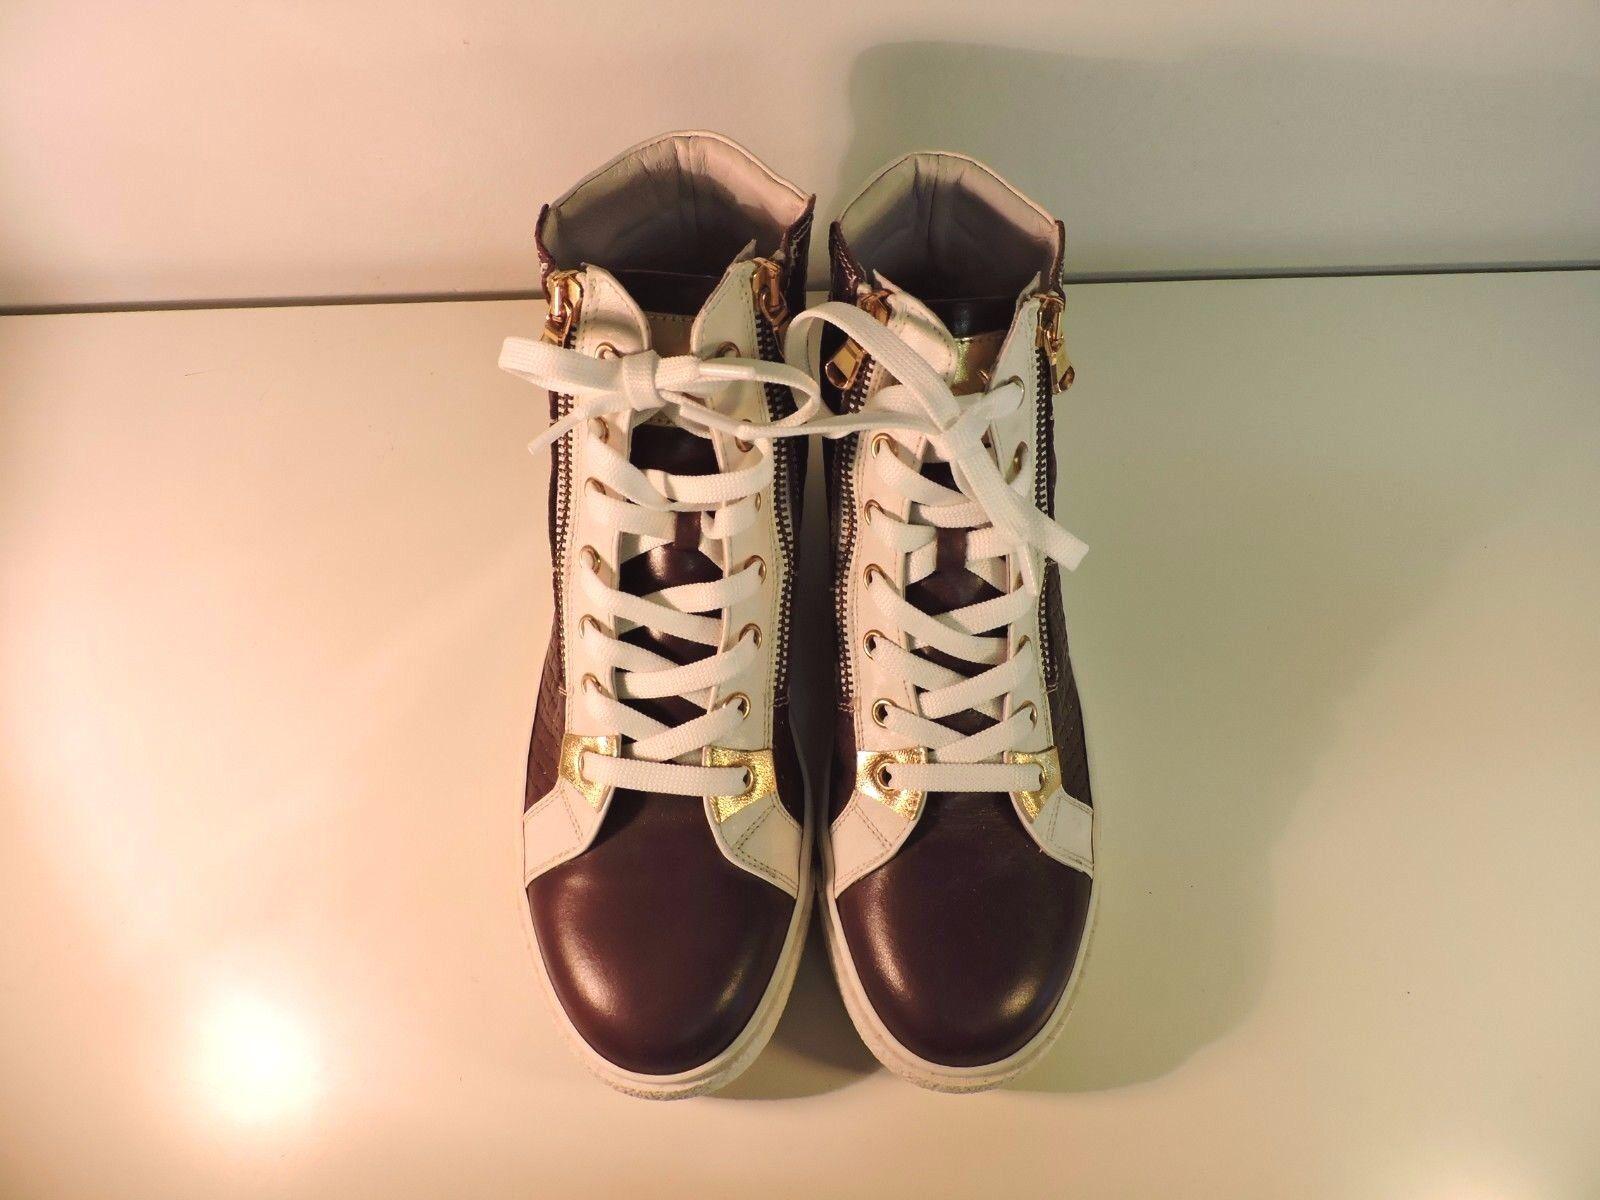 Zapatos de mujer baratos zapatos de mujer SNEAKERS PELLE ALTE N.36 37 38 39